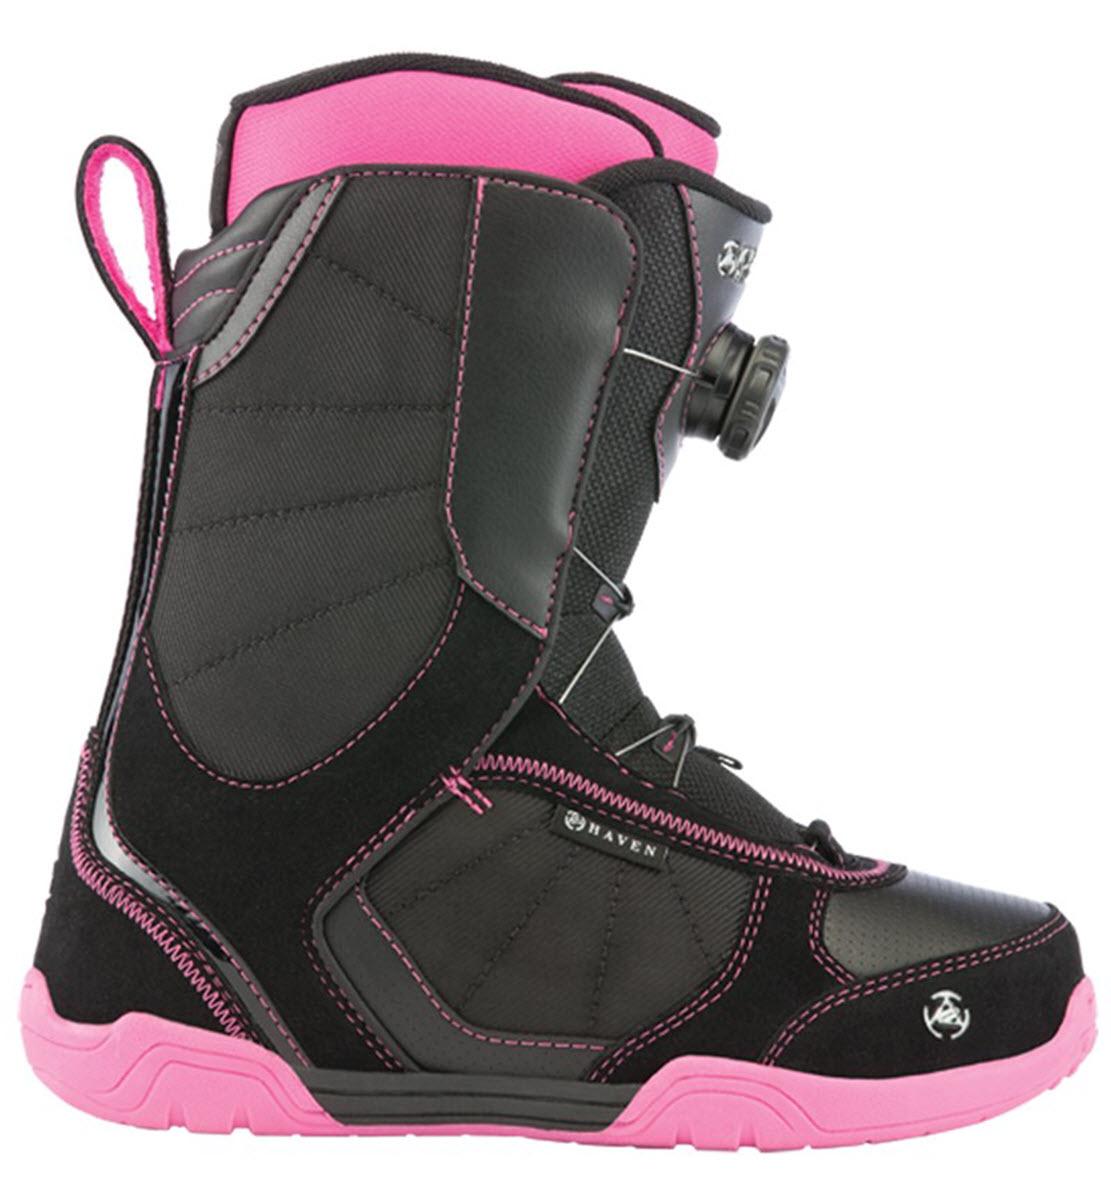 774afcbd57f7 K2 Haven BOA Womens Snowboard Boots Black Pink